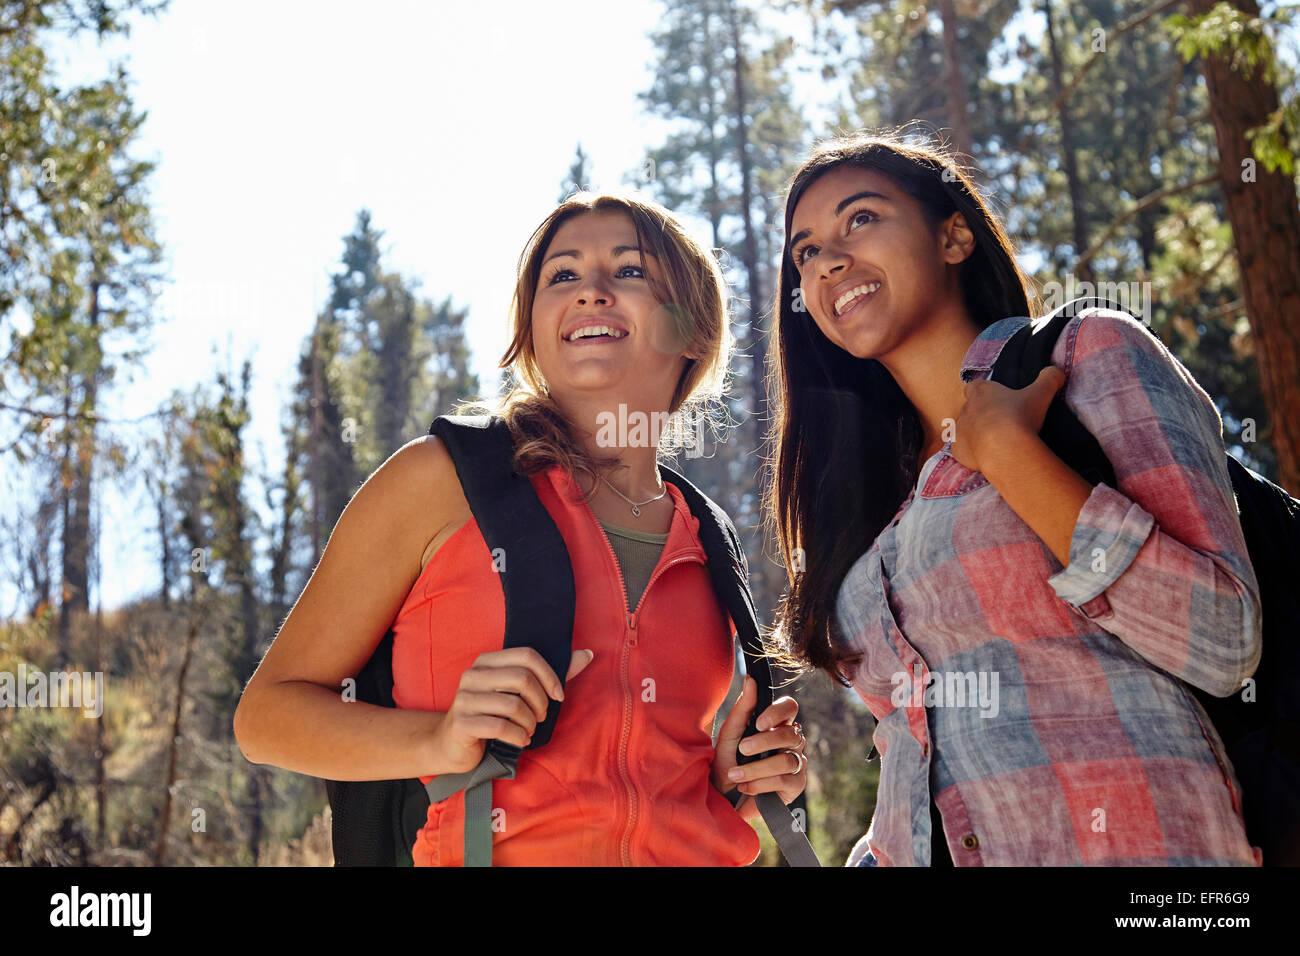 Dos hembras adultas jóvenes senderismo en el bosque, Los Ángeles, California, Estados Unidos. Imagen De Stock